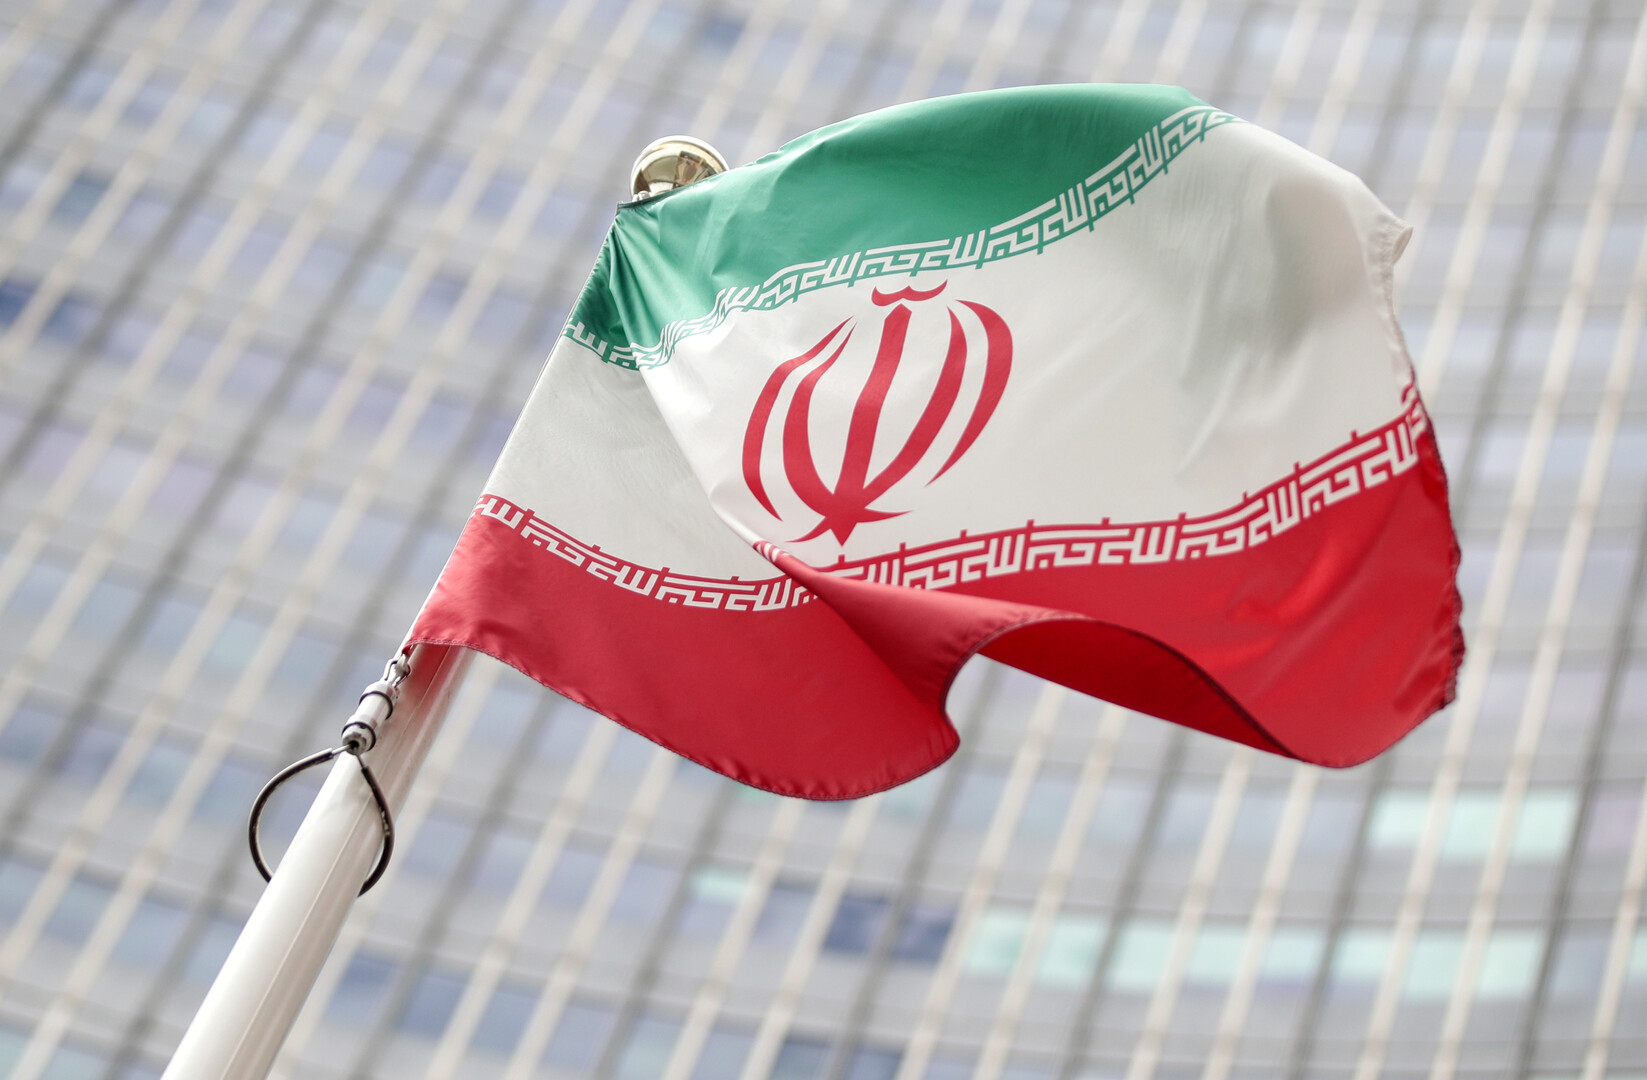 طهران: وجهات النظر أصبحت أقرب بمحادثات الاتفاق النووي مع فرنسا